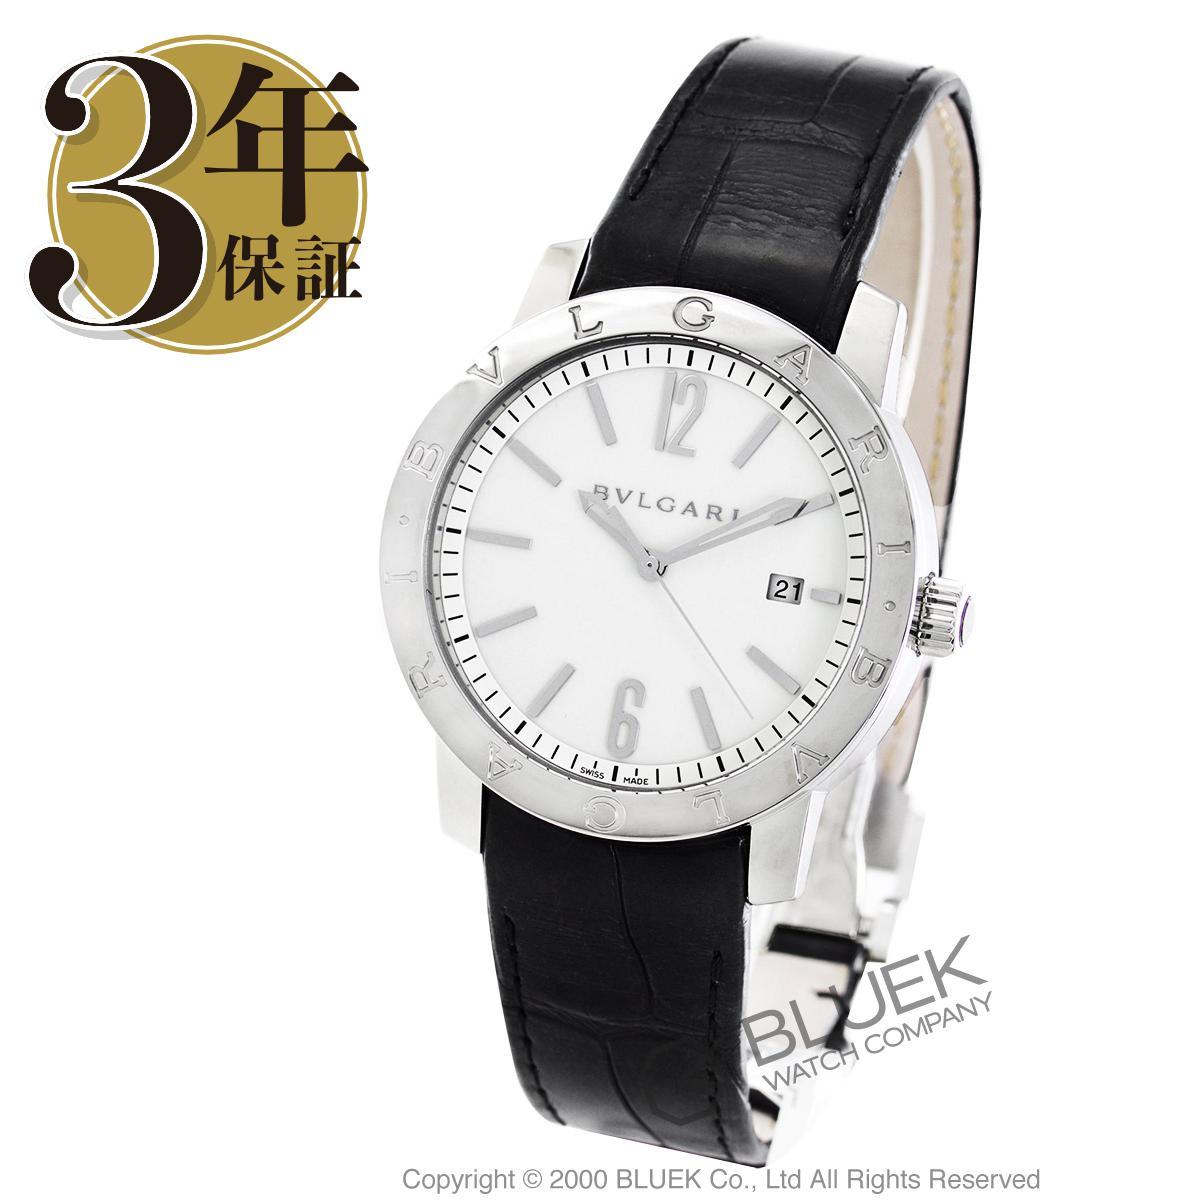 【6,000円OFFクーポン対象】ブルガリ ブルガリブルガリ アリゲーターレザー 腕時計 メンズ BVLGARI BB41WSLD_8